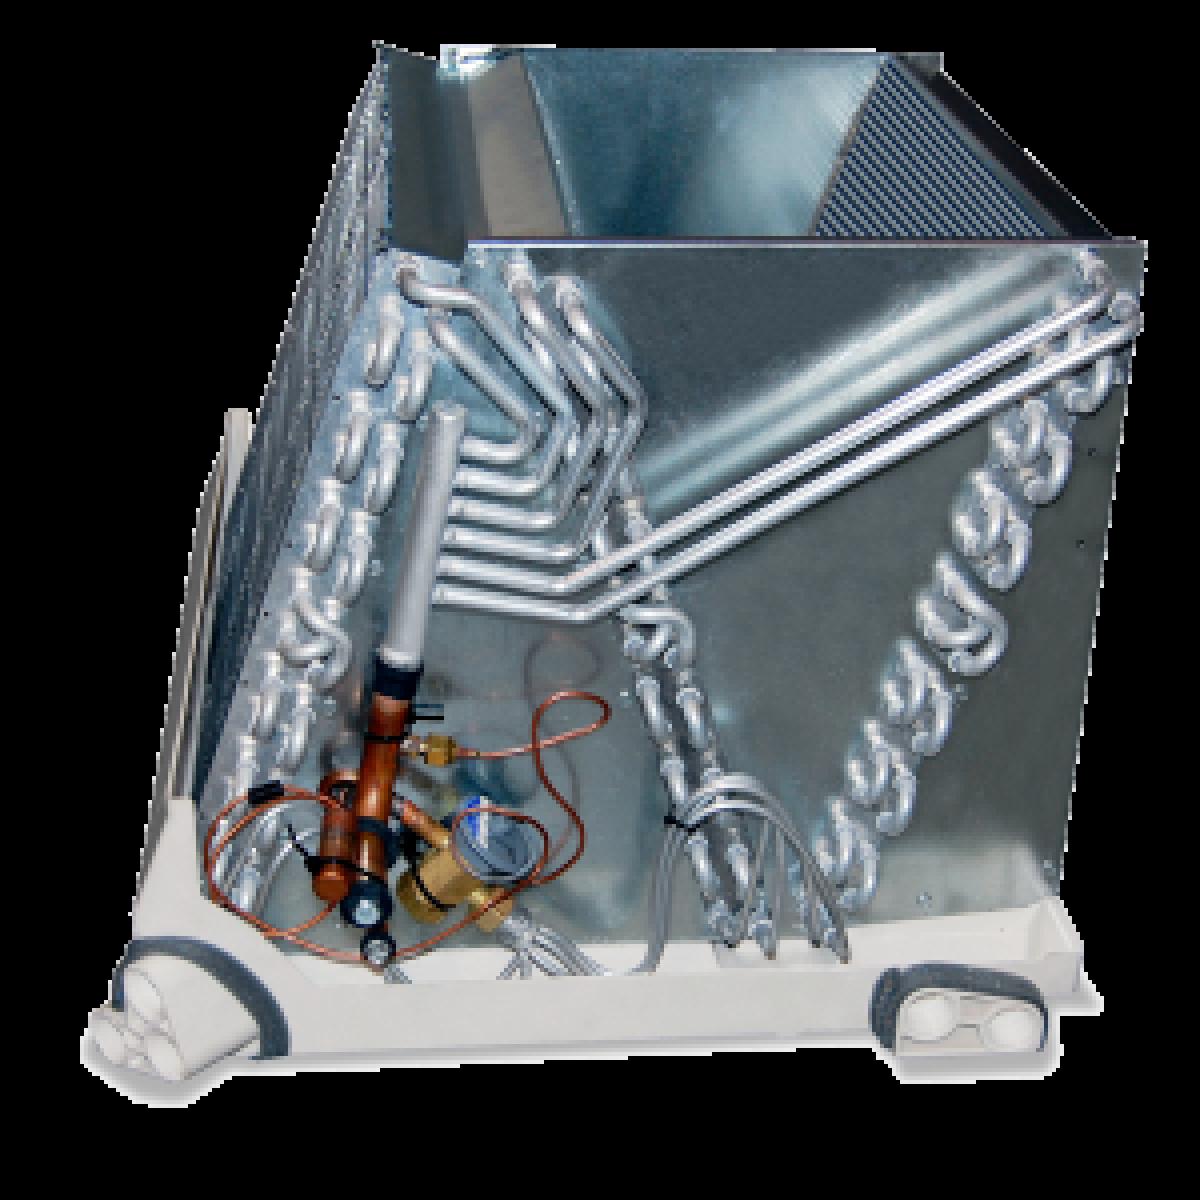 Rheem 4 Ton 24 Quot Rcf Series Evaporator Cased Coil 3 5 Ton